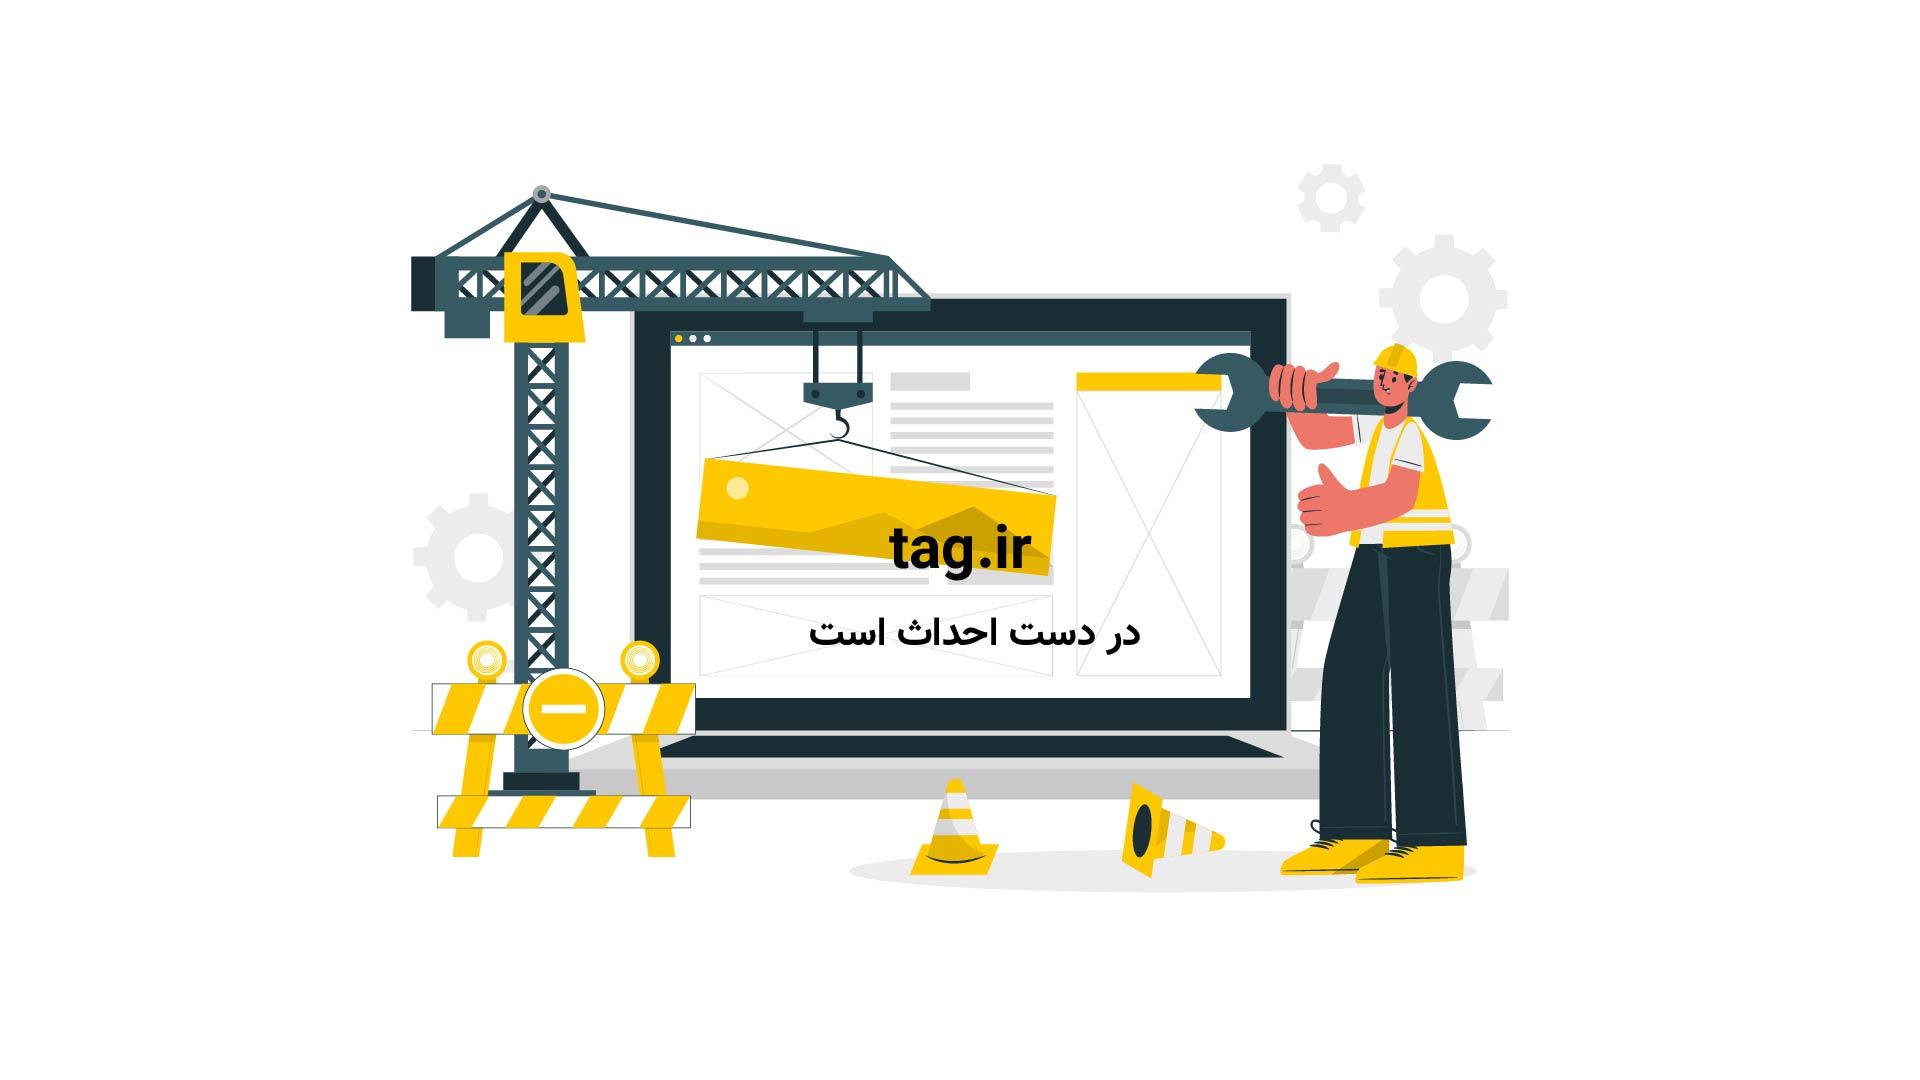 اژدهای پرنده بر فراز آسمان انگلستان | فیلم